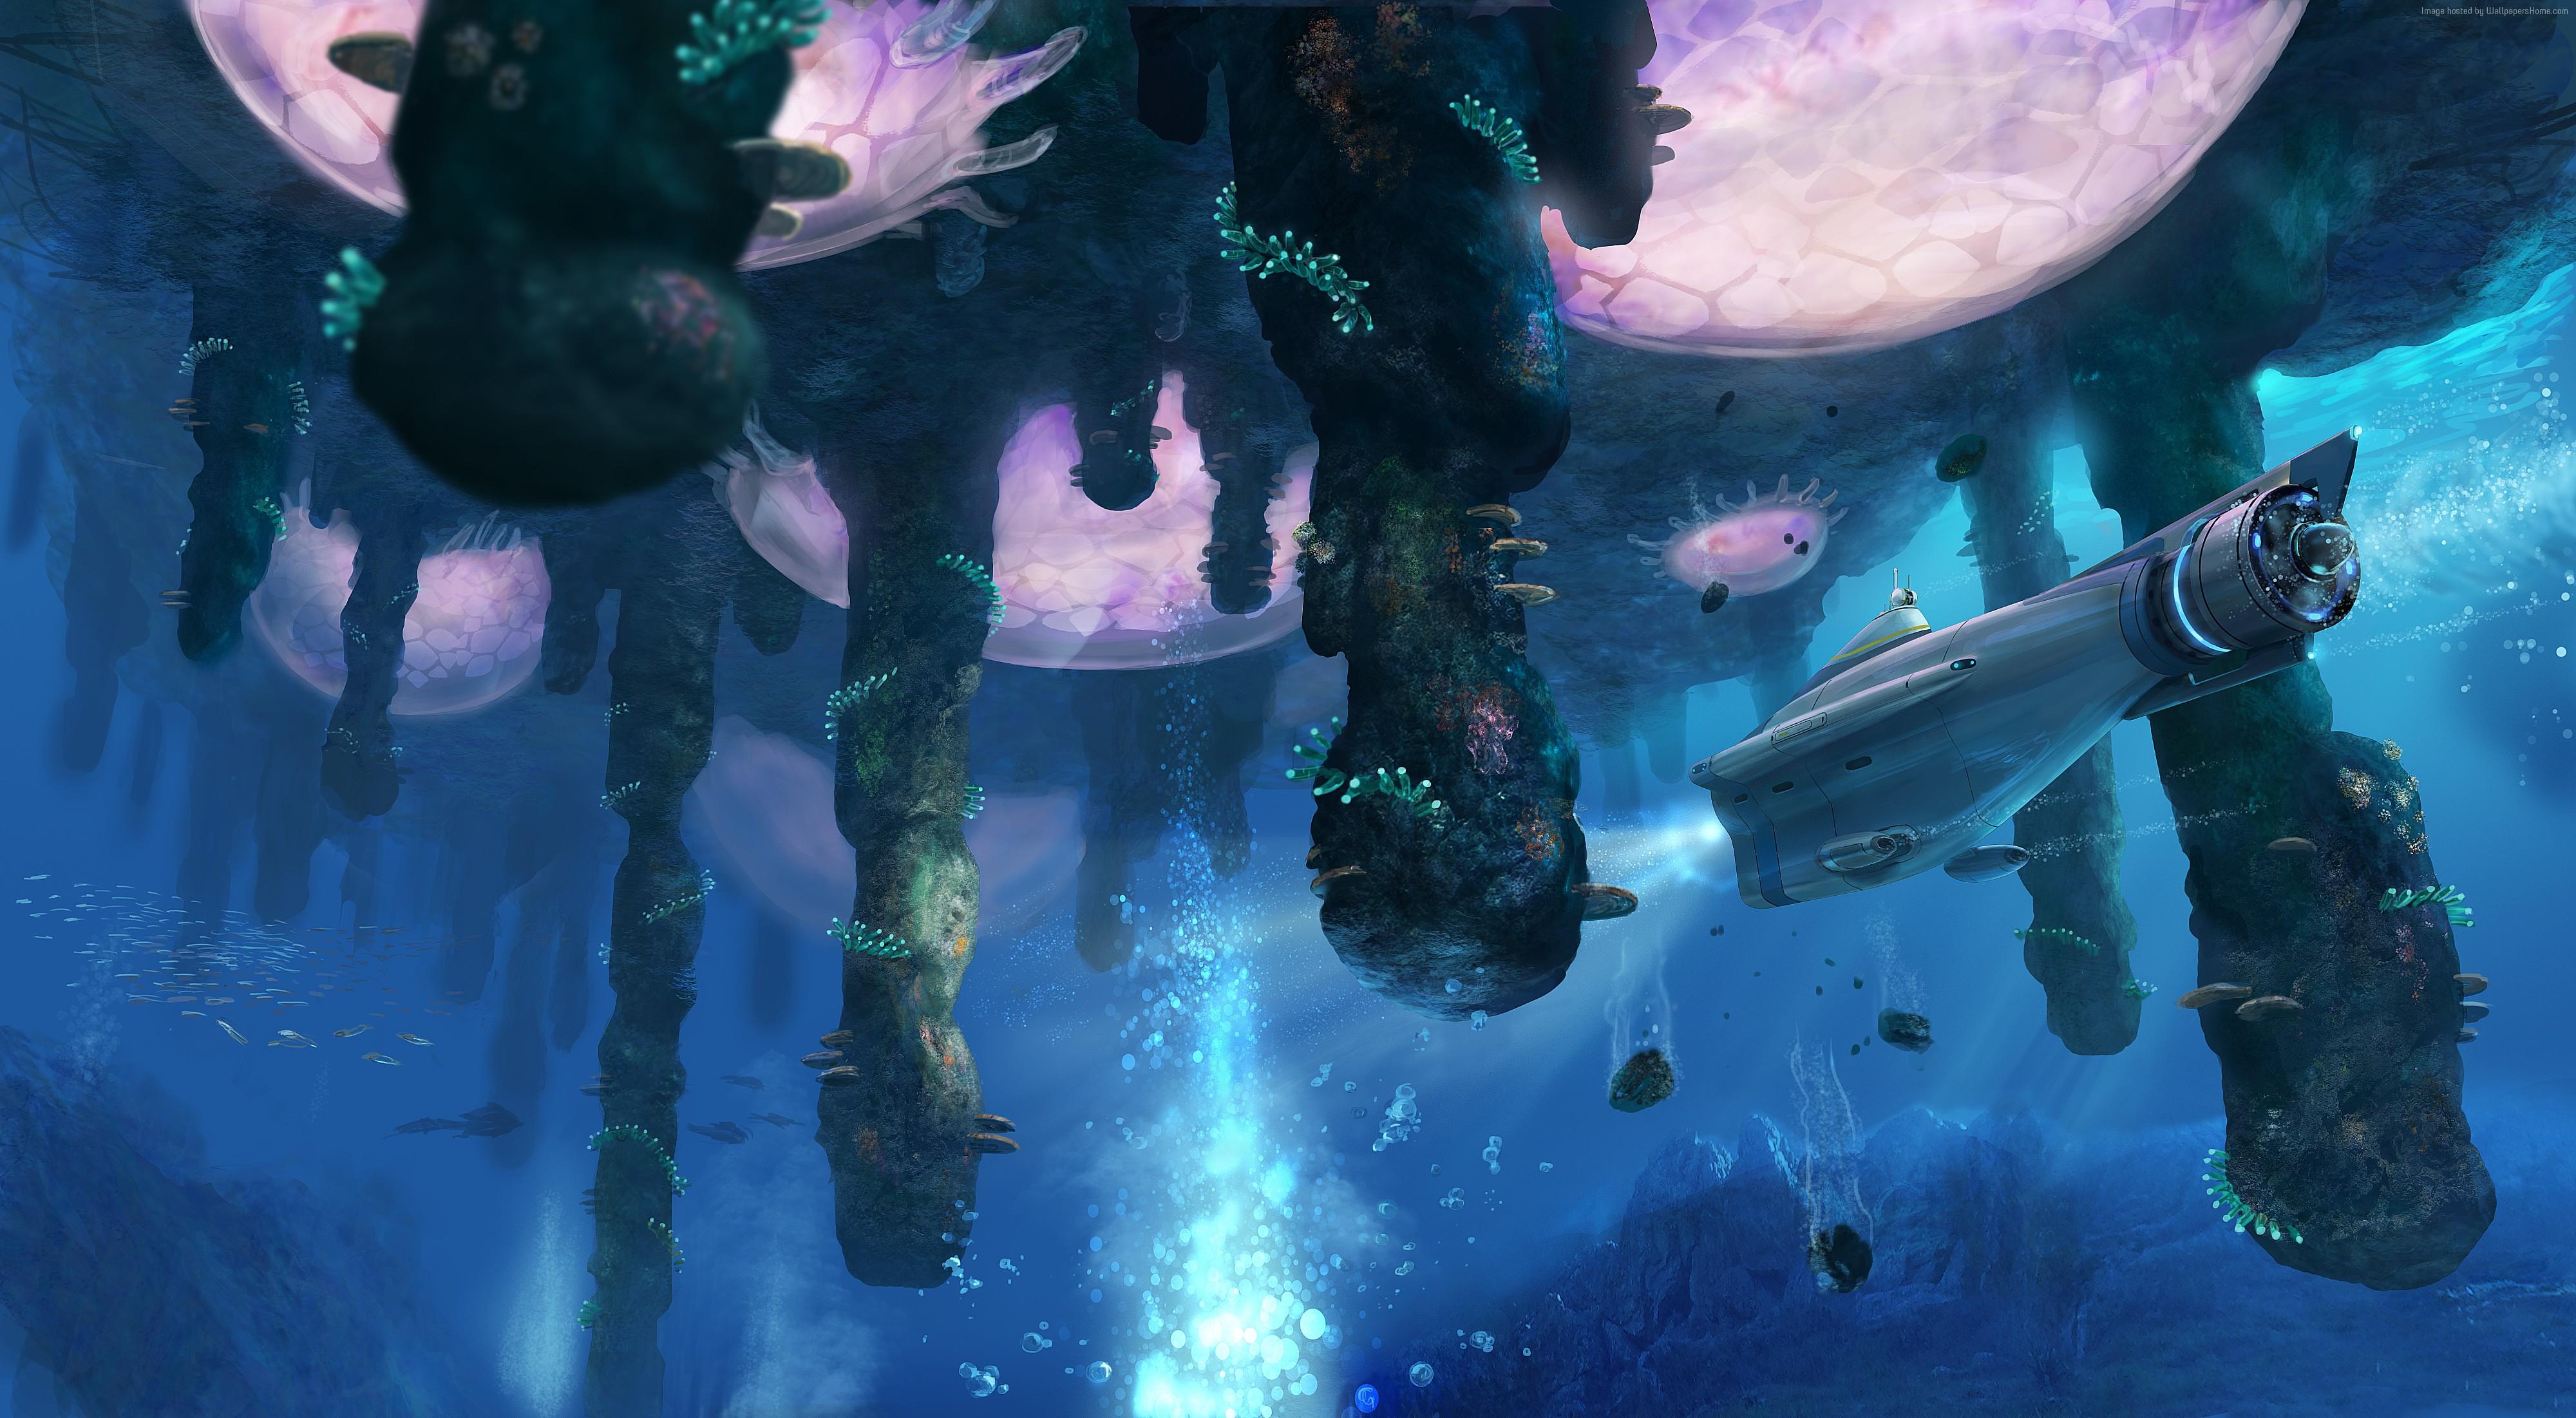 Картинки Подводный мир Подводные лодки Subnautica Фантастика Игры фантастическая техника Фэнтези компьютерная игра Техника Фэнтези